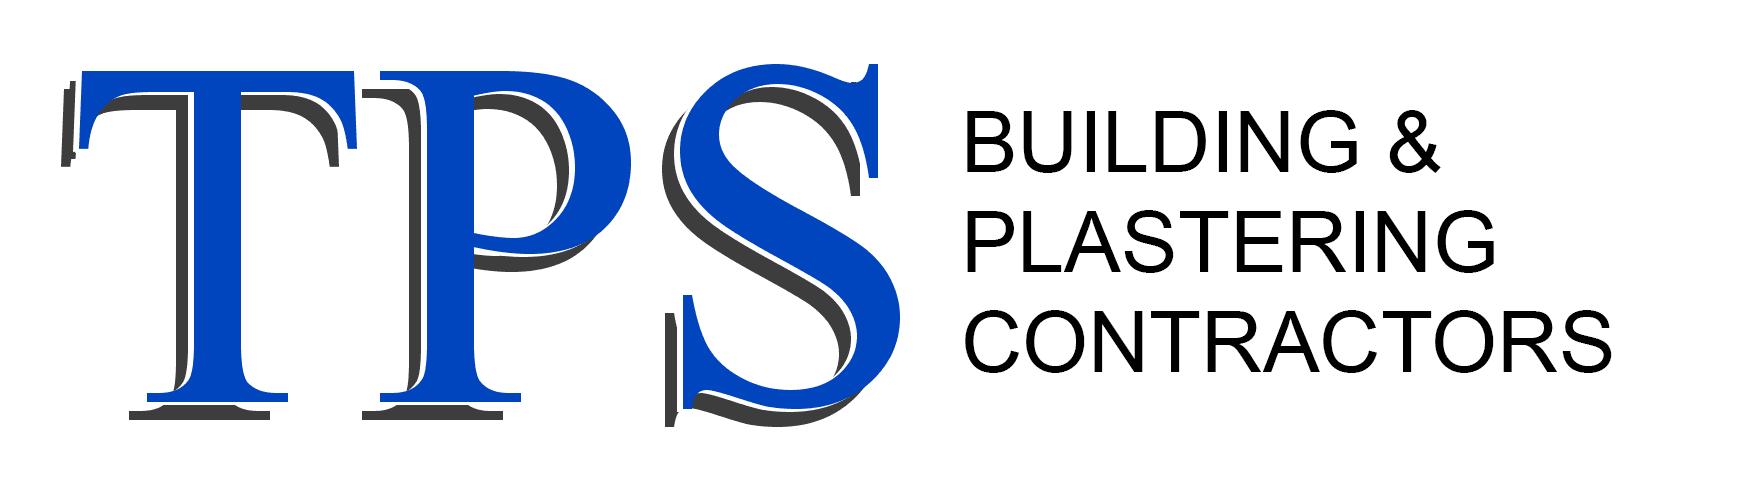 T P S Building Plastering & Groundworks Contractors | 6A Gardeners Way, Wadebridge PL27 7RN | +44 1841 540011